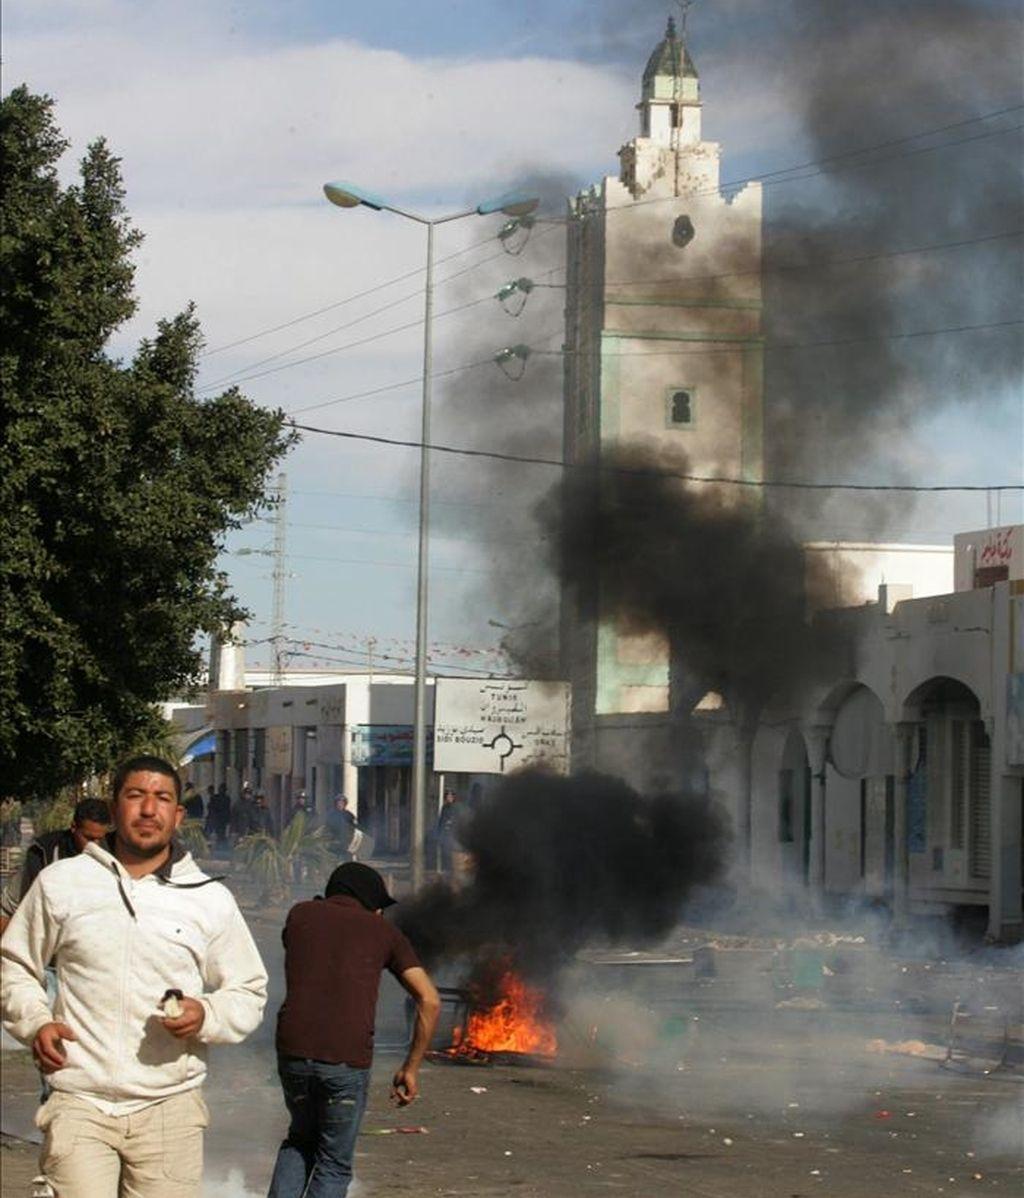 Fotografía de archivo del 10 de enero de 2011 de manifestantes en una barricada incendiada en Regueb (Túnez). EFE/Archivo